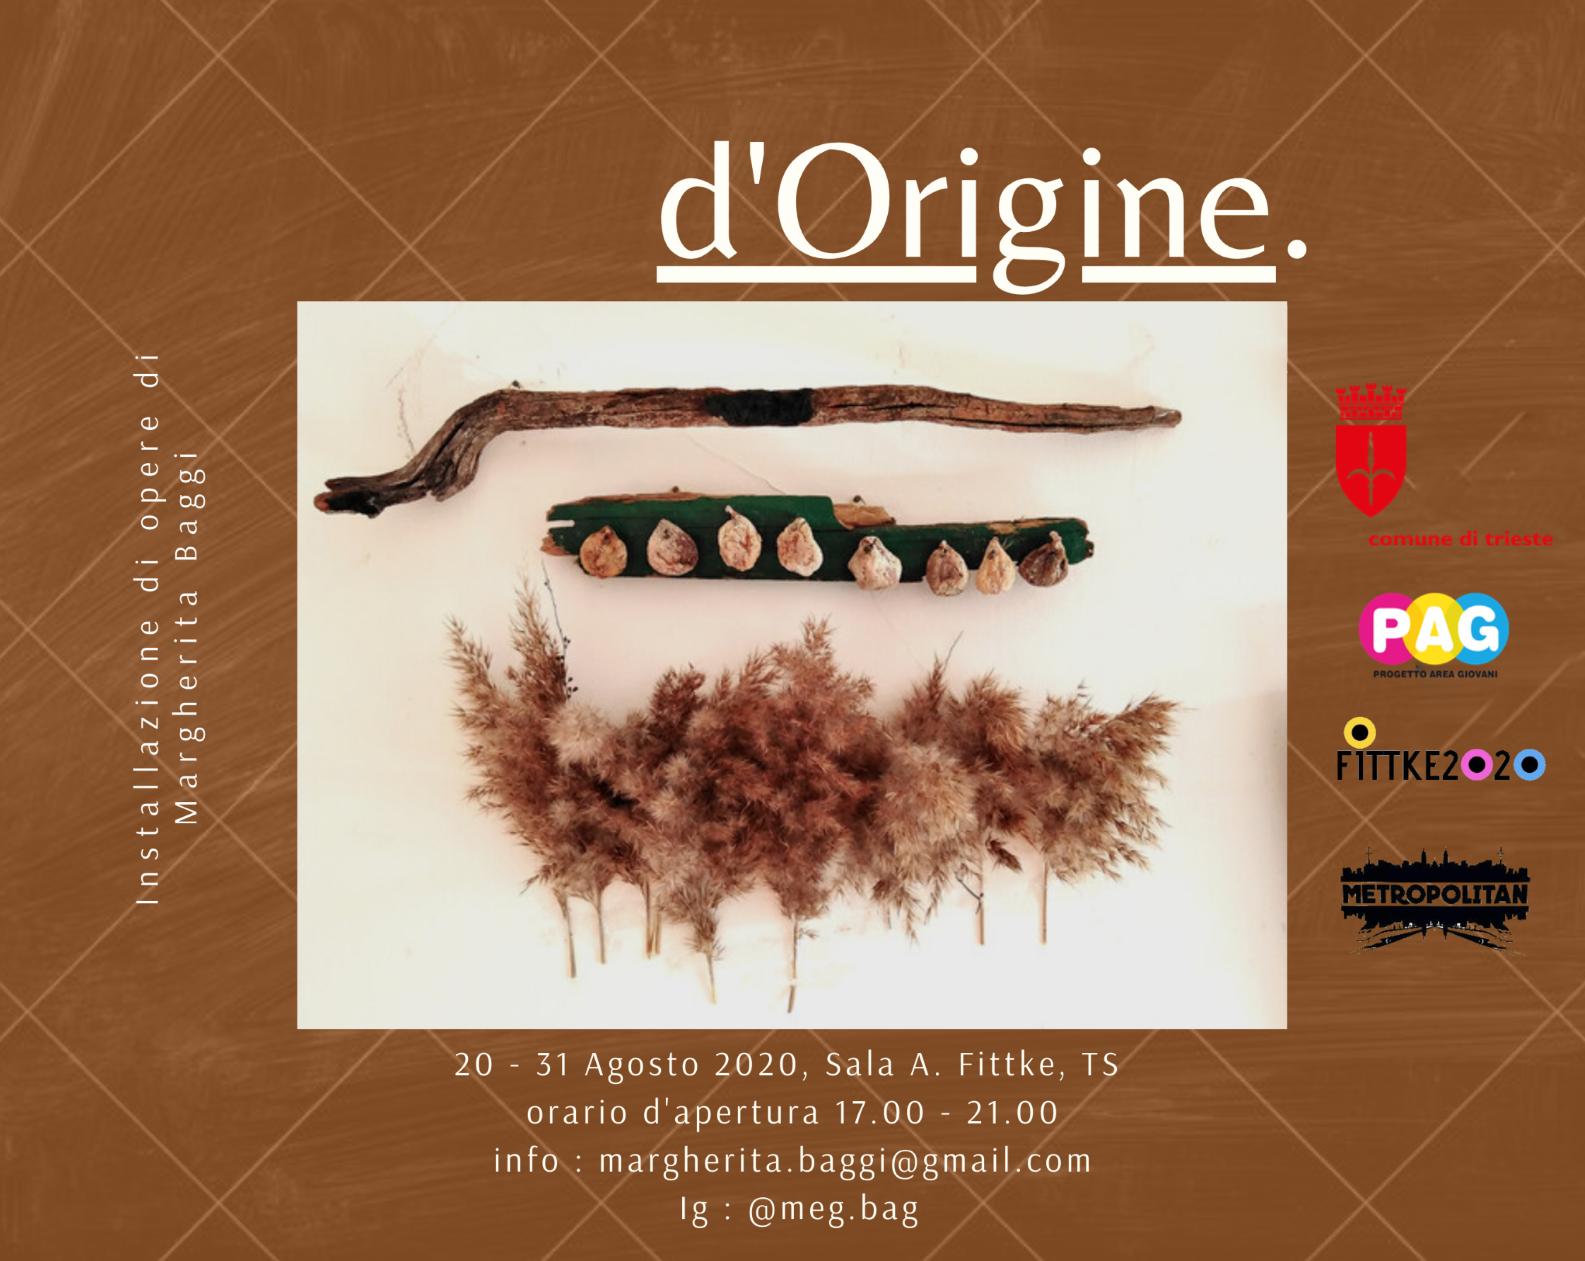 dorigine-1-file-forex-ridotto-1